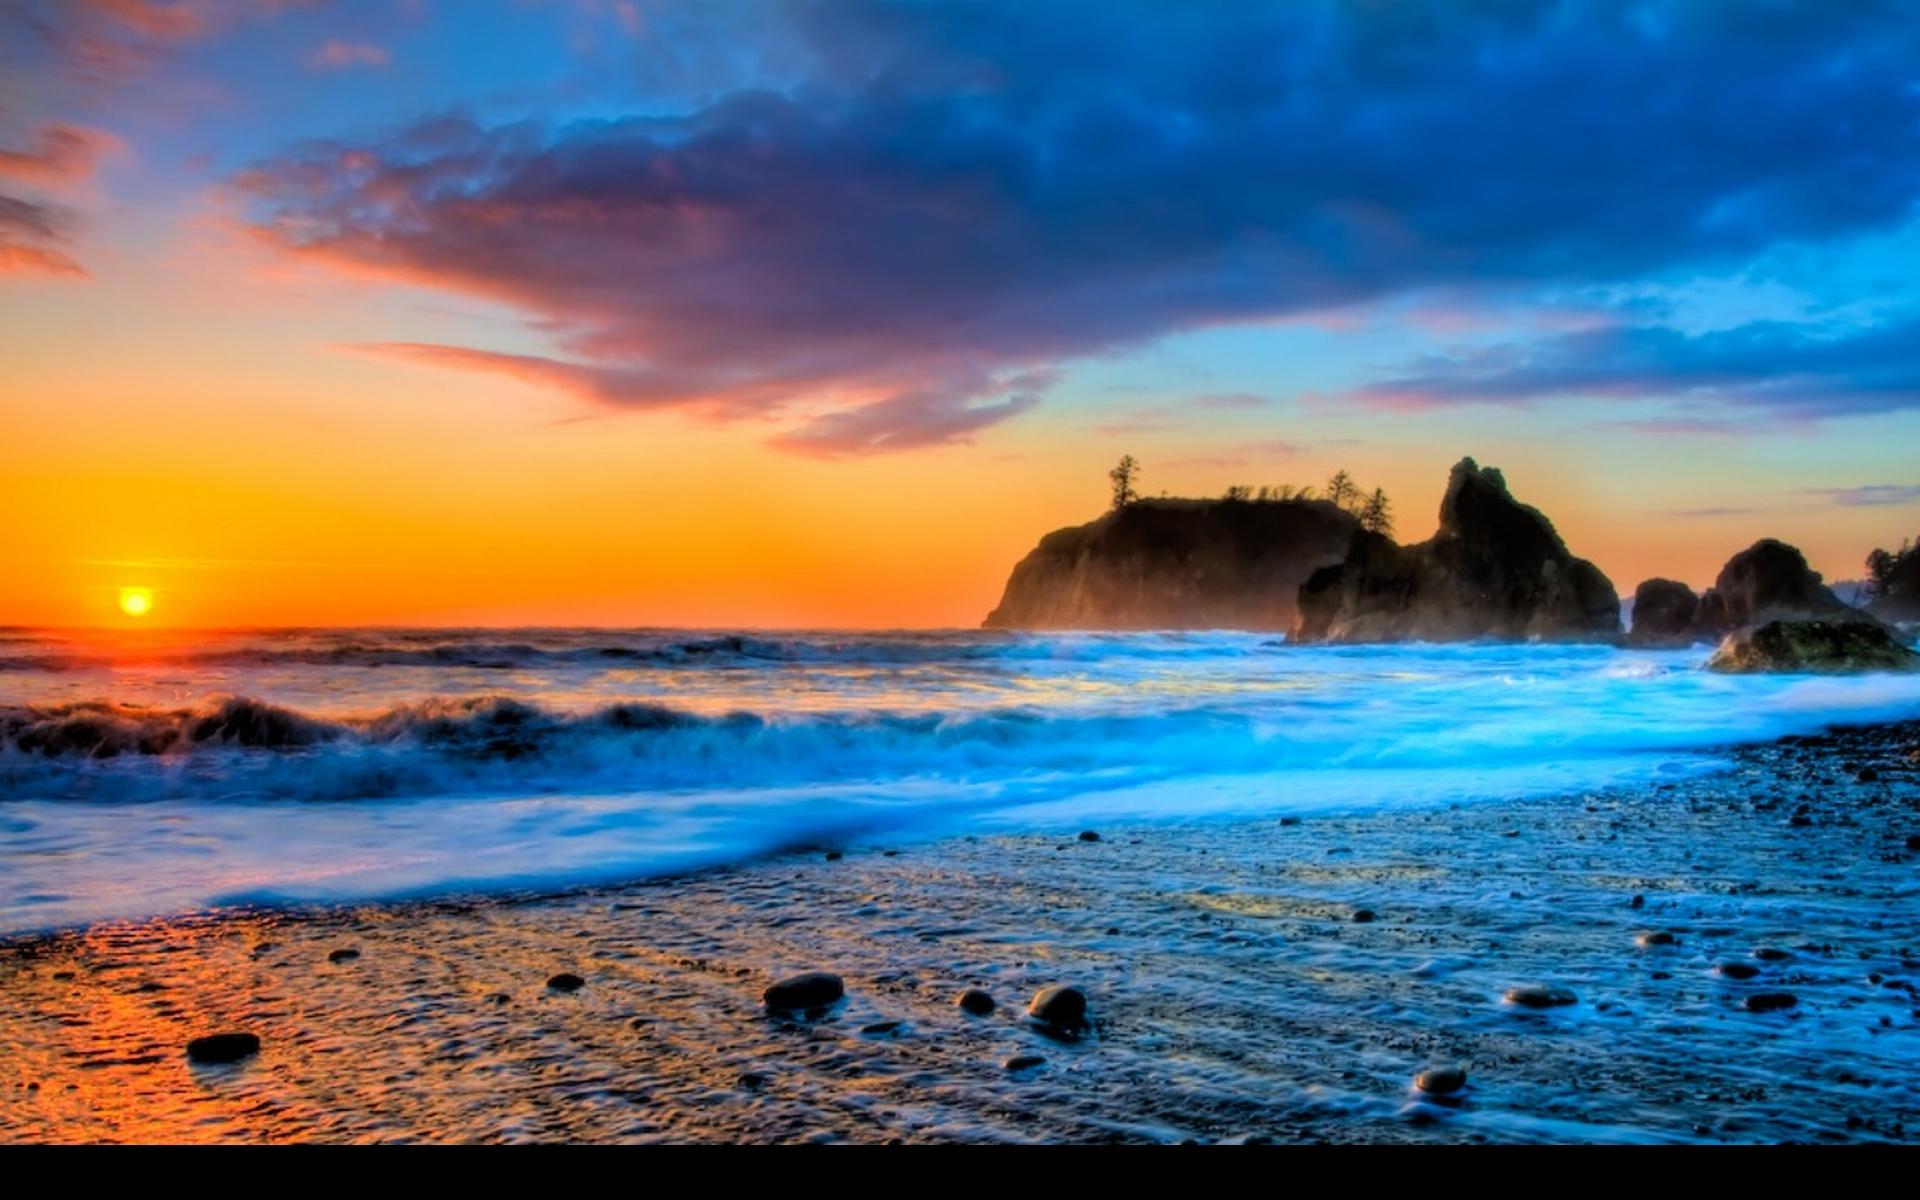 Beach Desktop Wallpaper Widescreen: Sunset Wallpaper For Desktop Widescreen